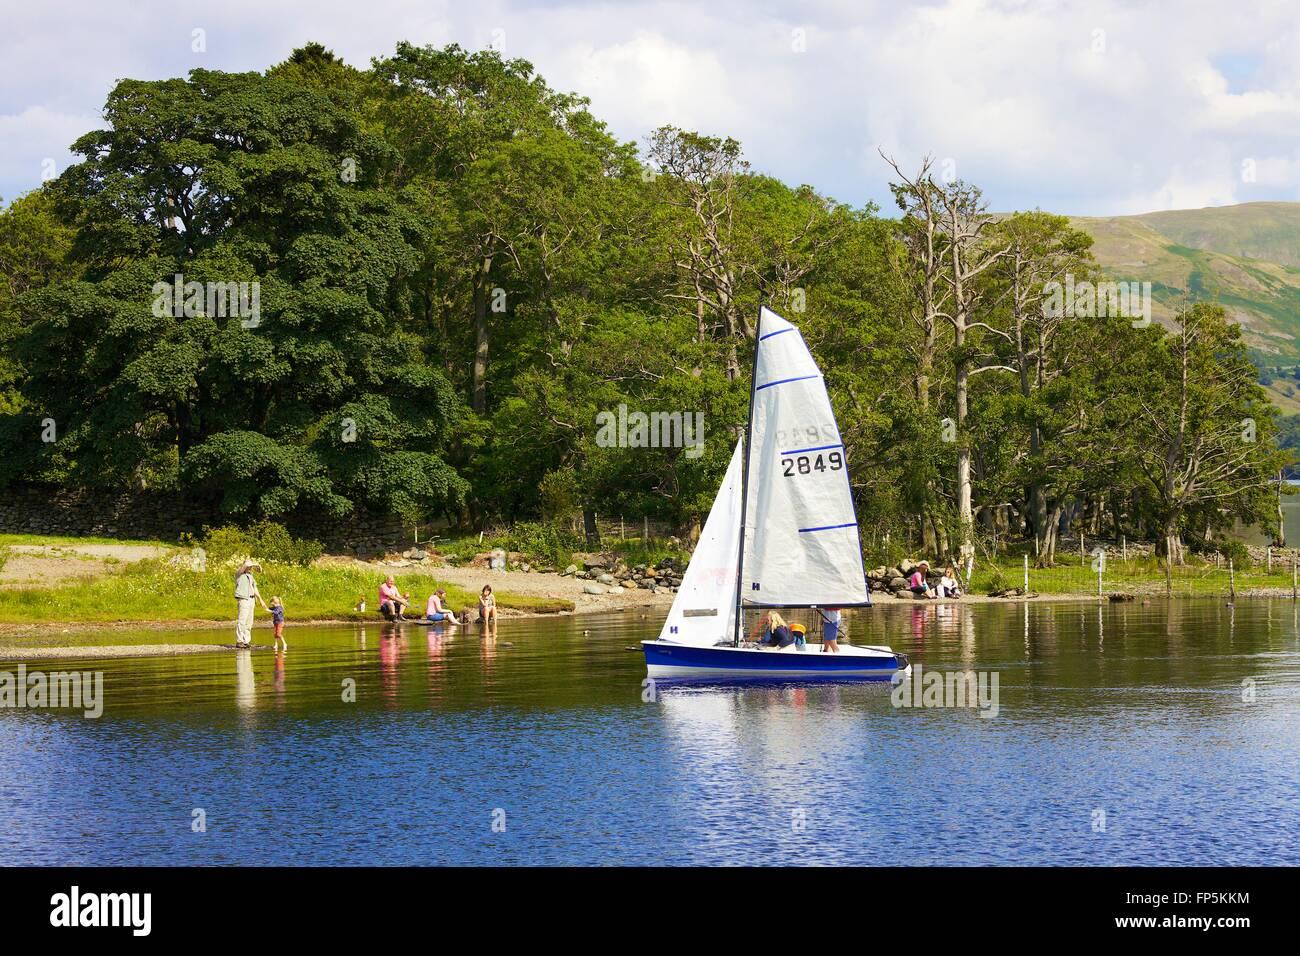 Parco Nazionale del Distretto dei Laghi. Famiglia dinghy vela sul lago. Aira Force baia, Ullswater, Penrith, Lake Immagini Stock